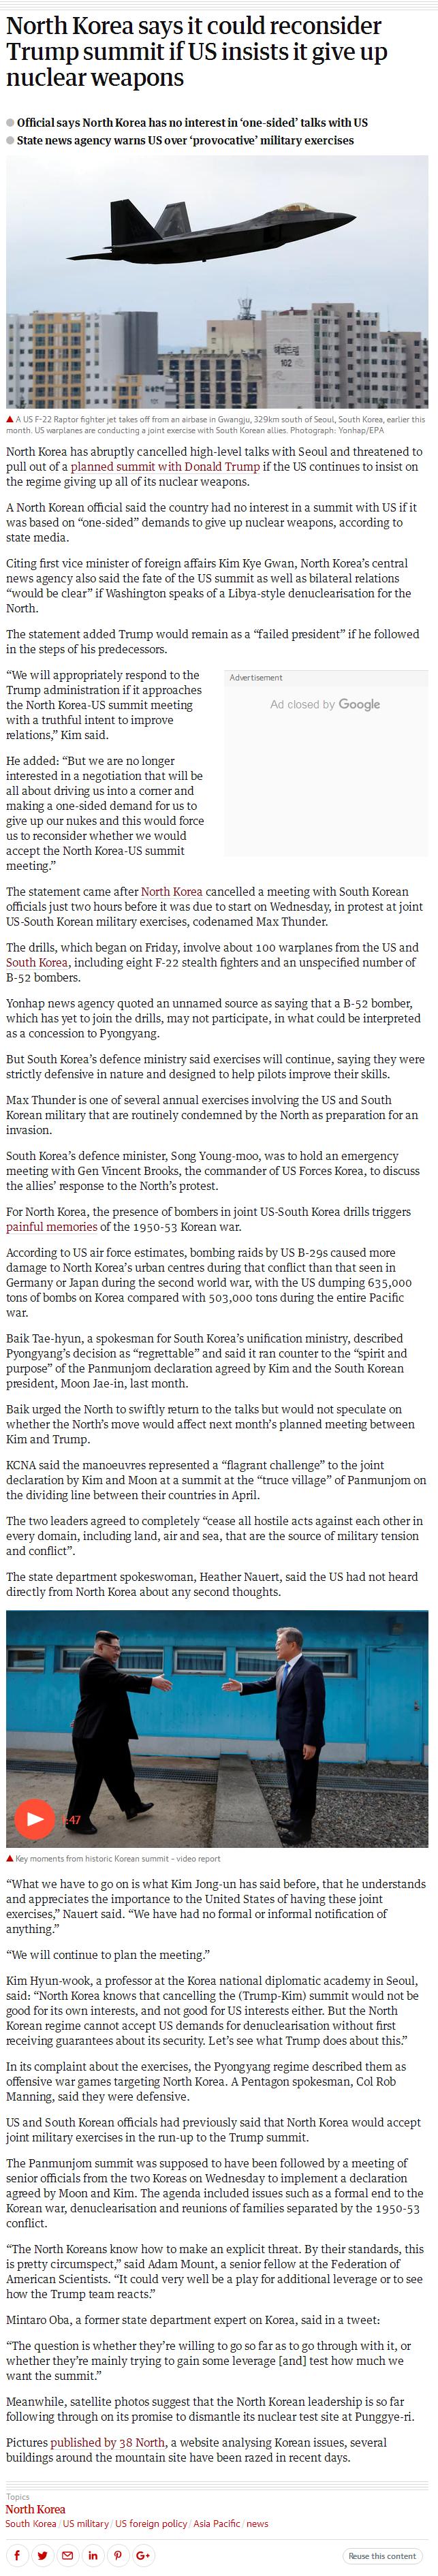 북한의 오늘 비난발언에 대한 좀 더 자세한 속내.